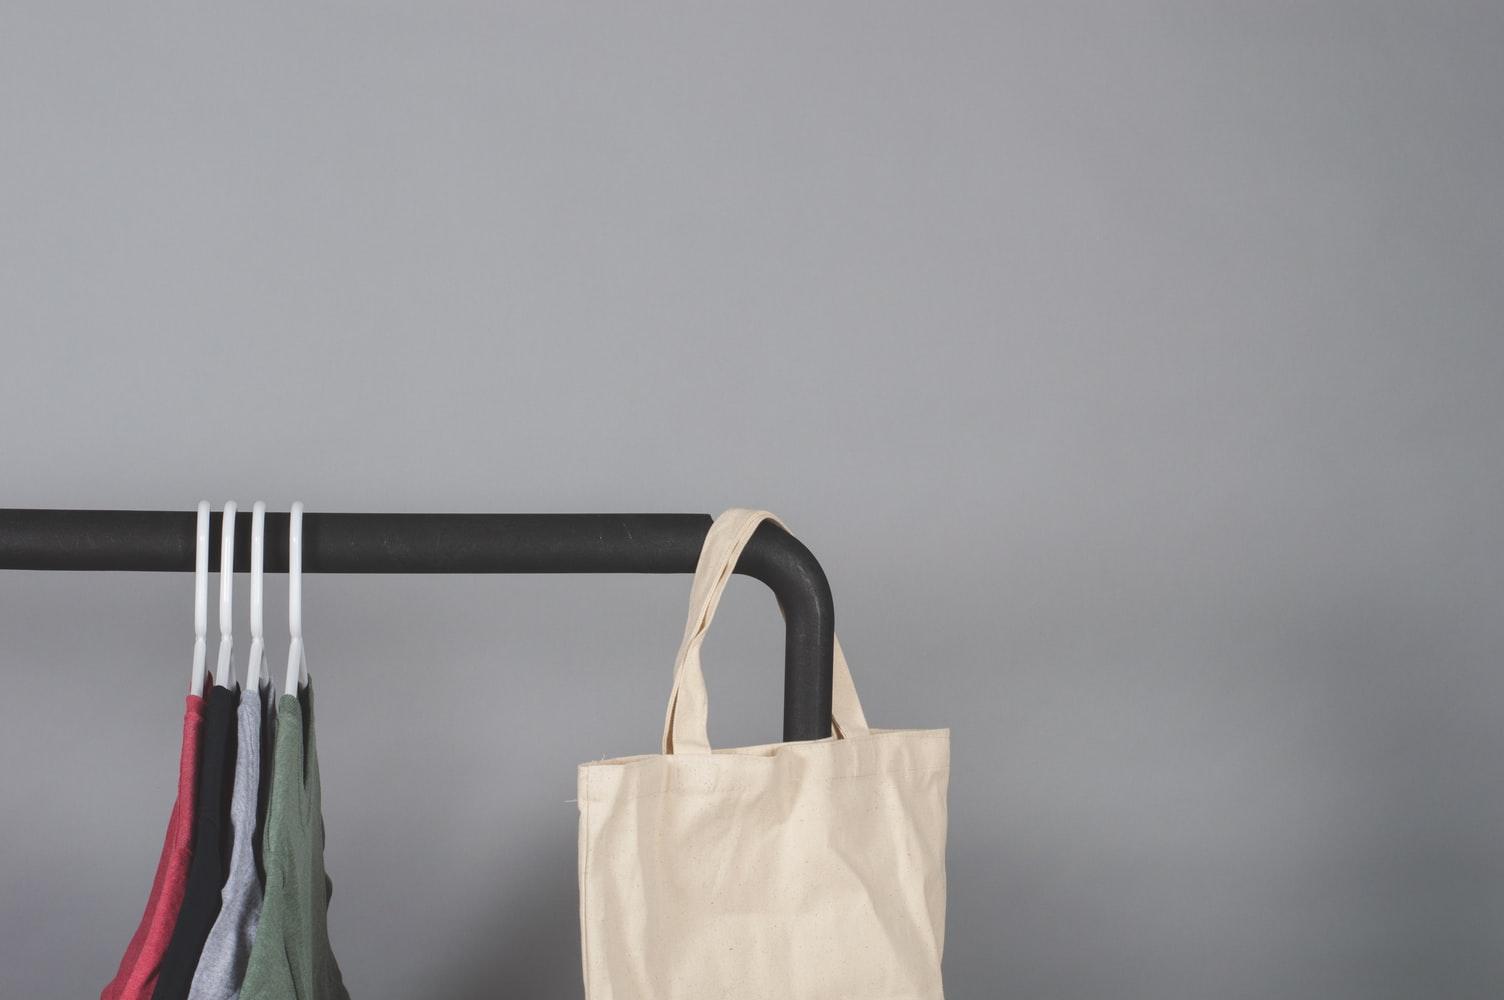 【失敗しない】ロゴトートバッグを選ぶ際の注意点3つ